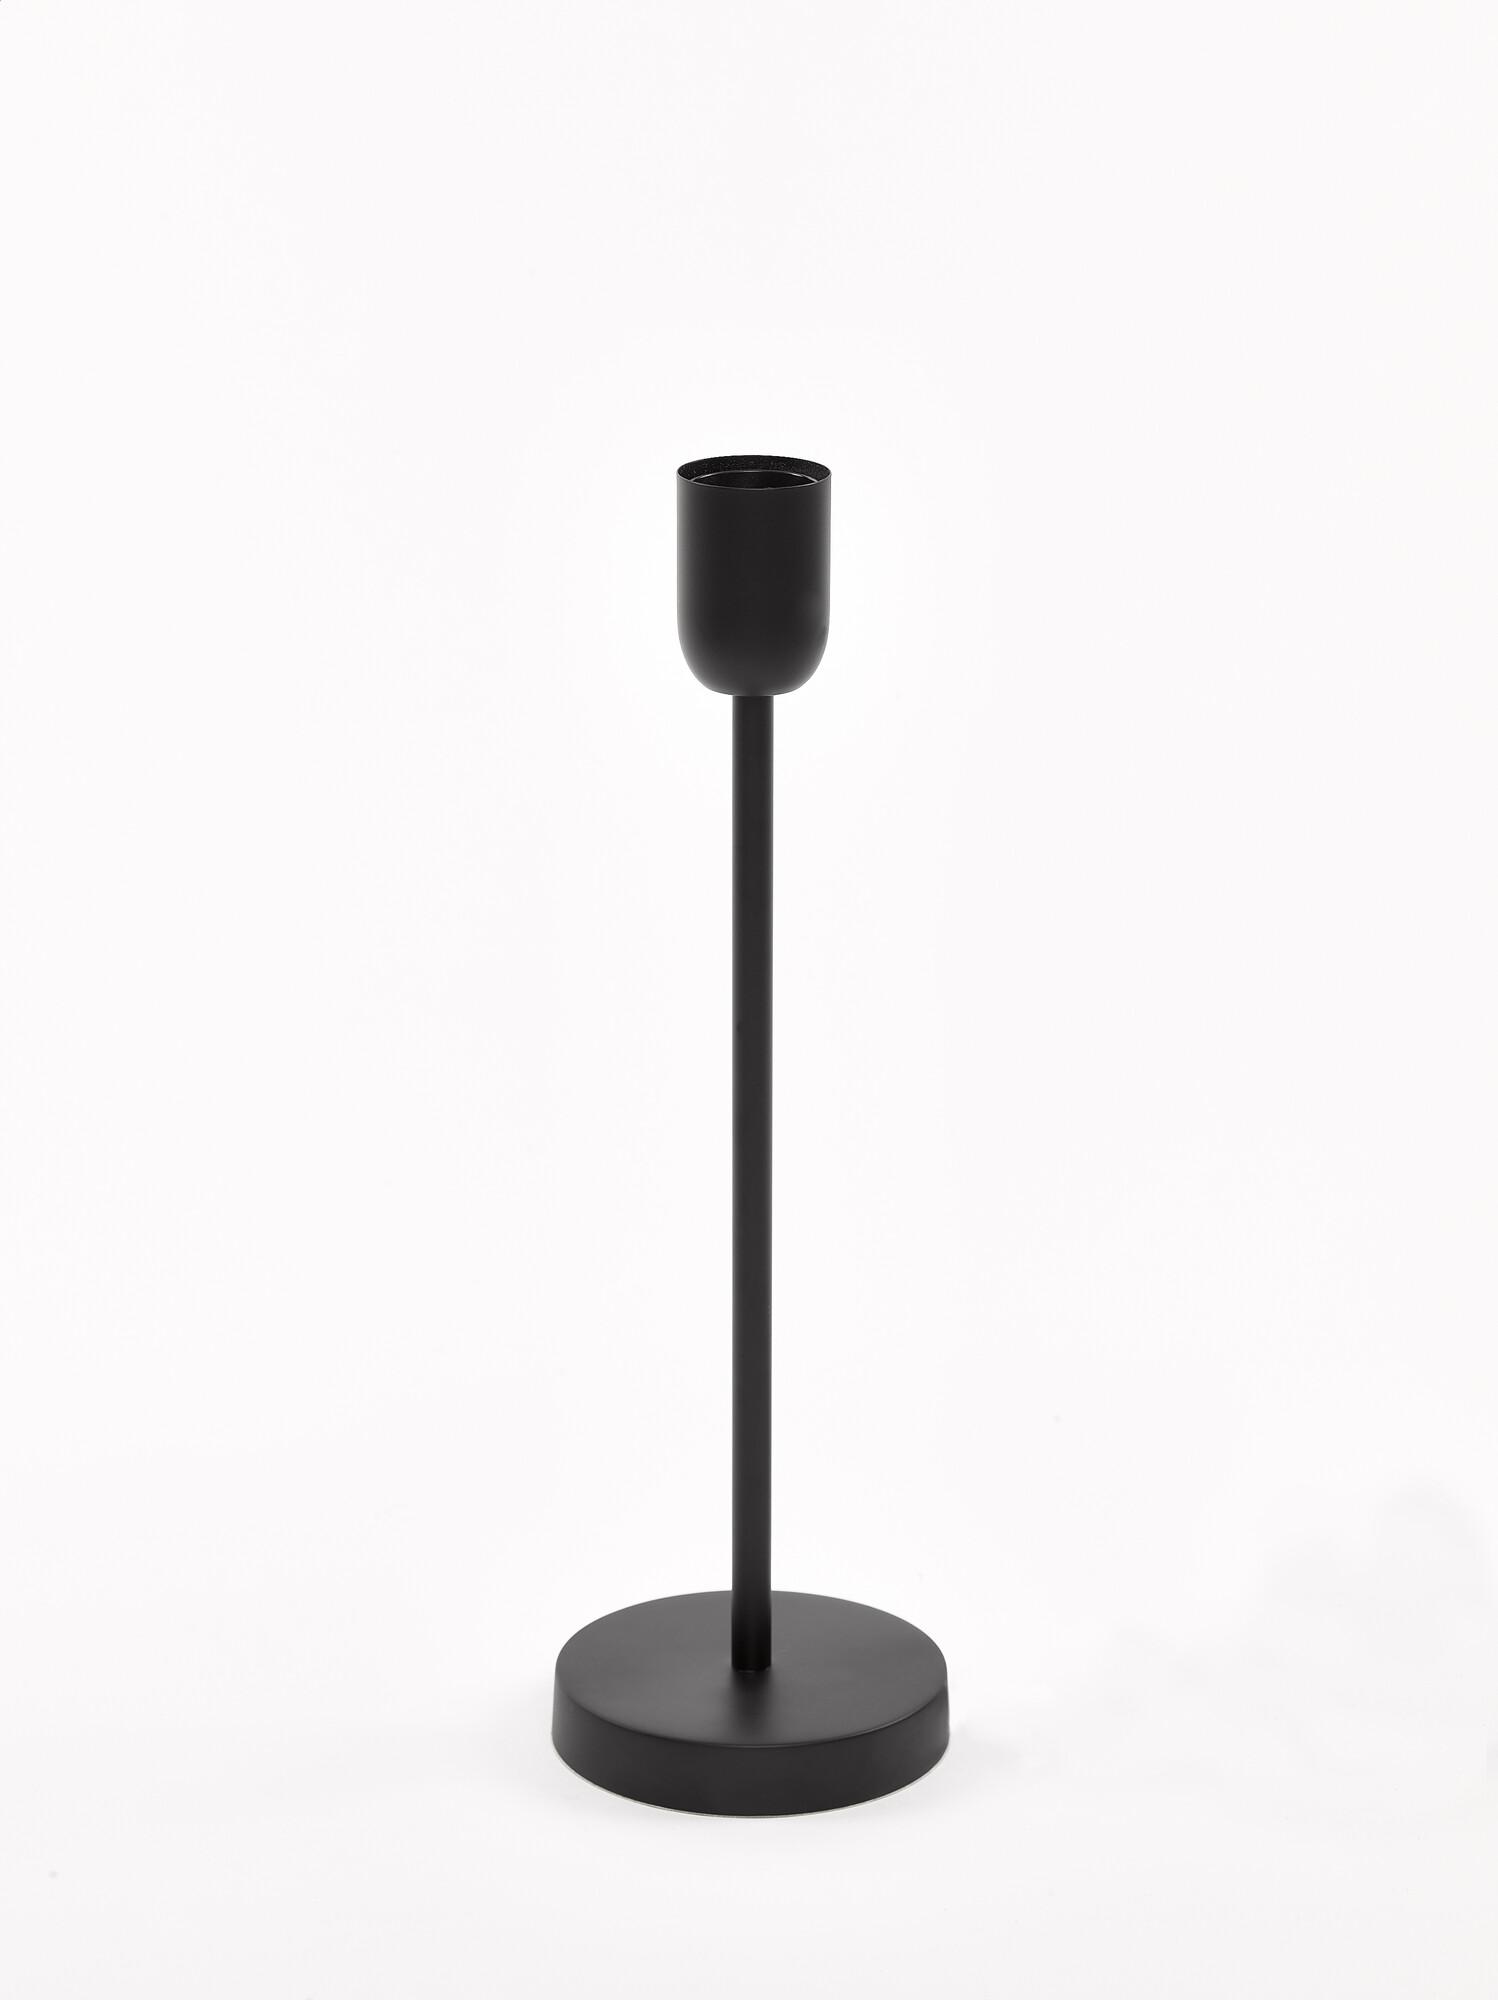 MESA Tafellamp E27 1x Zwart